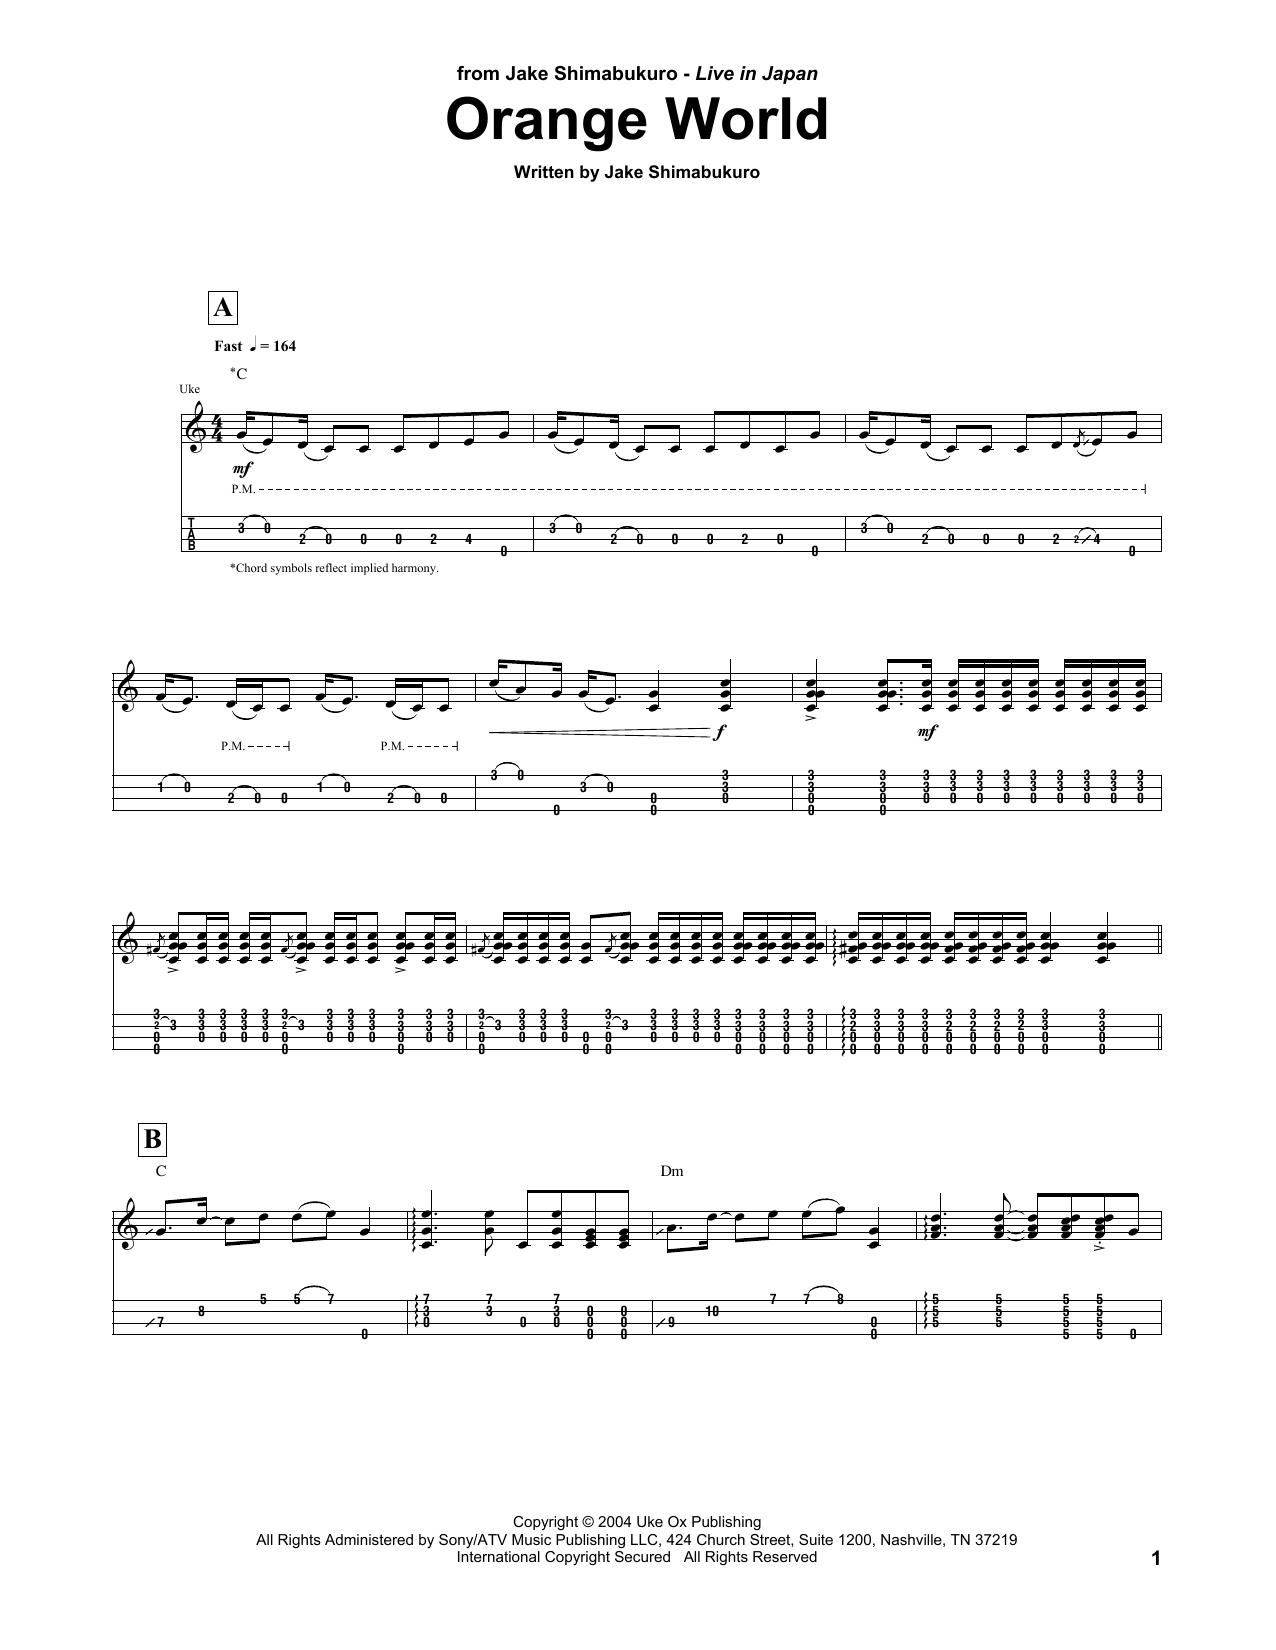 Jake Shimabukuro Orange World sheet music notes and chords. Download Printable PDF.